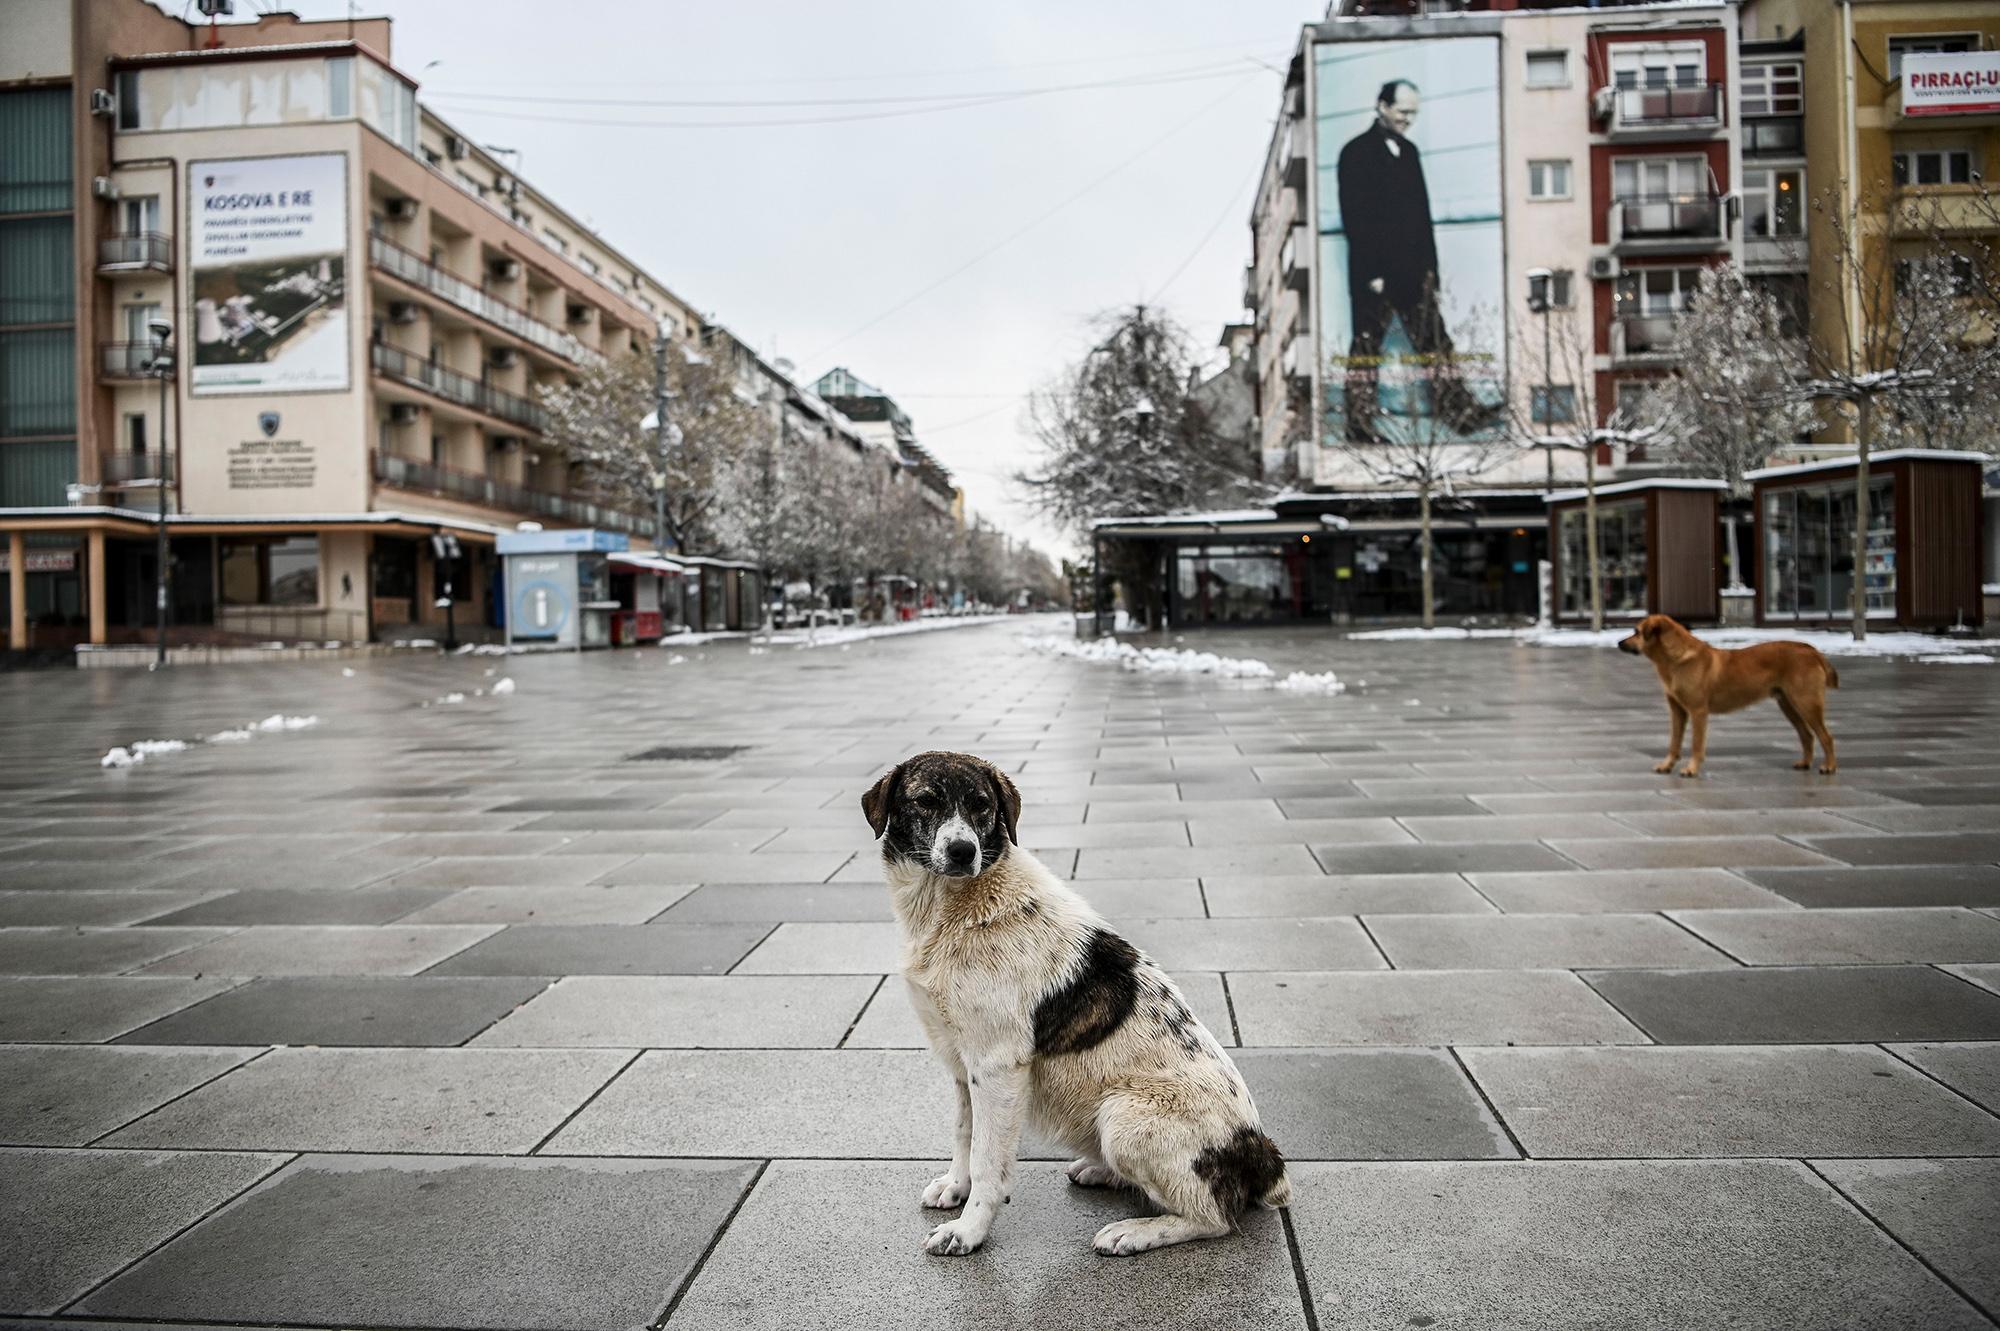 Бродячий пес напустой площади вПриштине, Косово